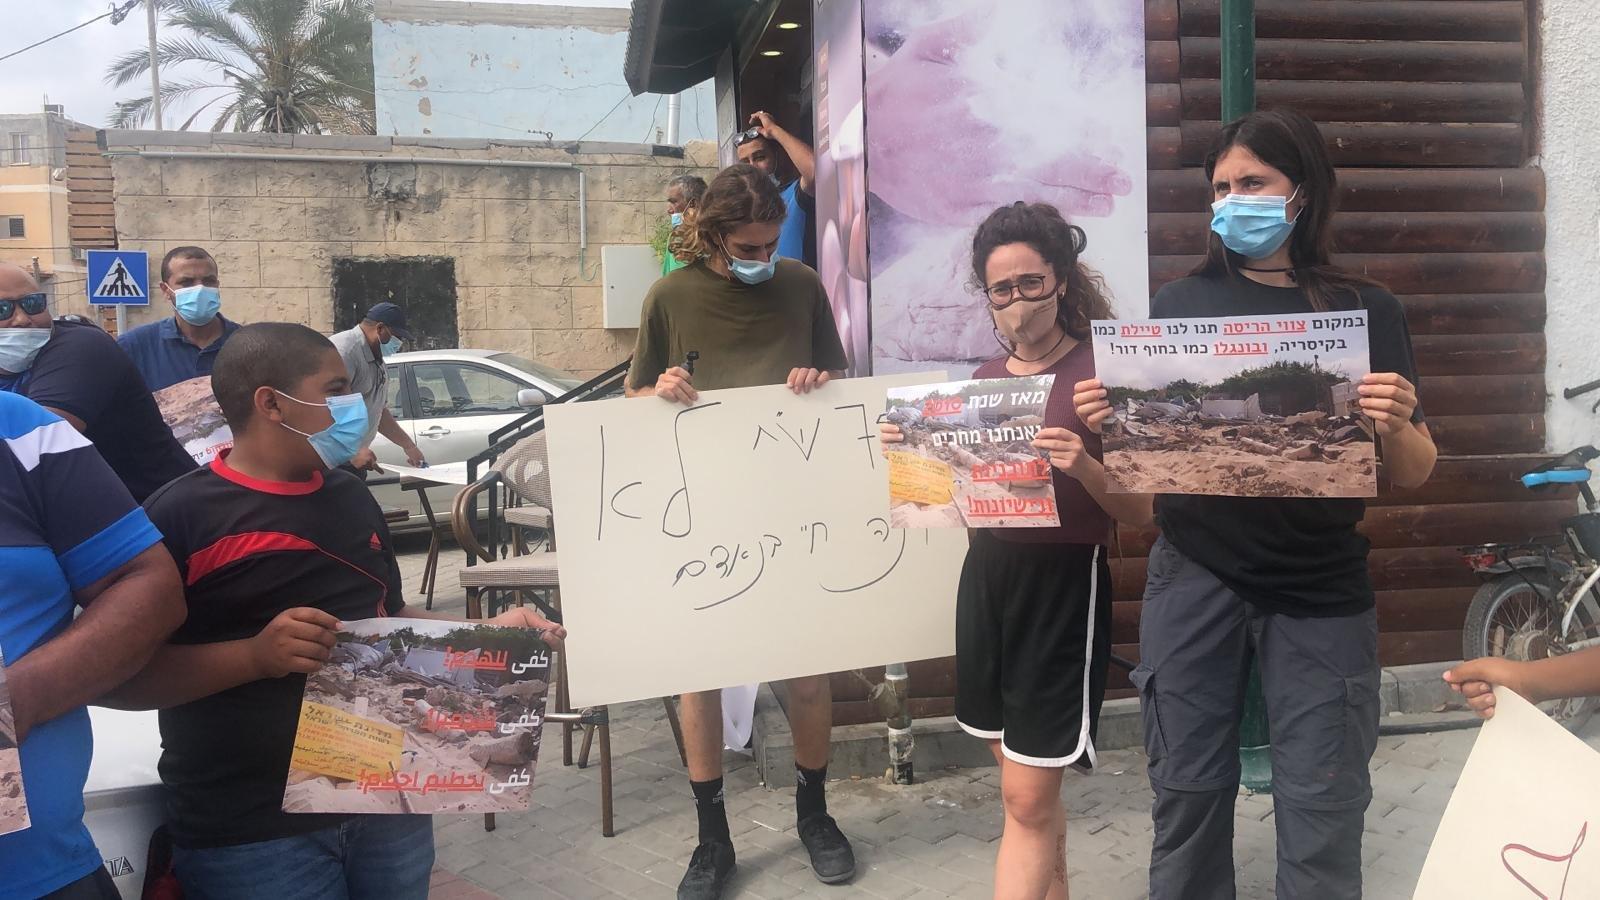 مباشر: مظاهرة رافضة لهدم المنازل في قرية جسر الزرقاء